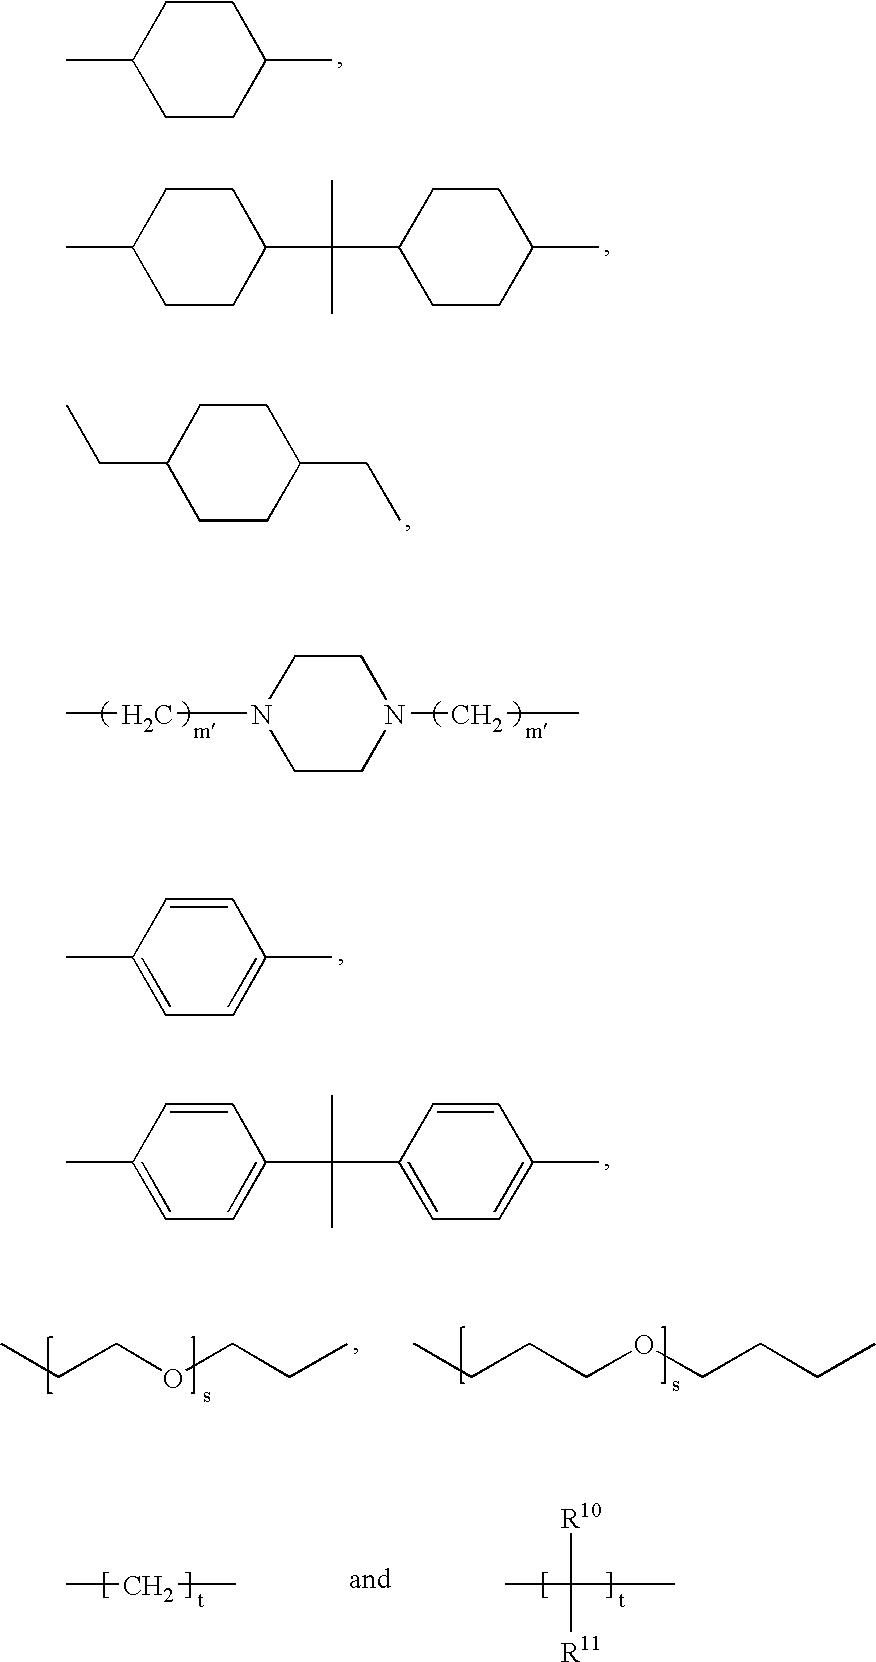 Figure US20060235084A1-20061019-C00025